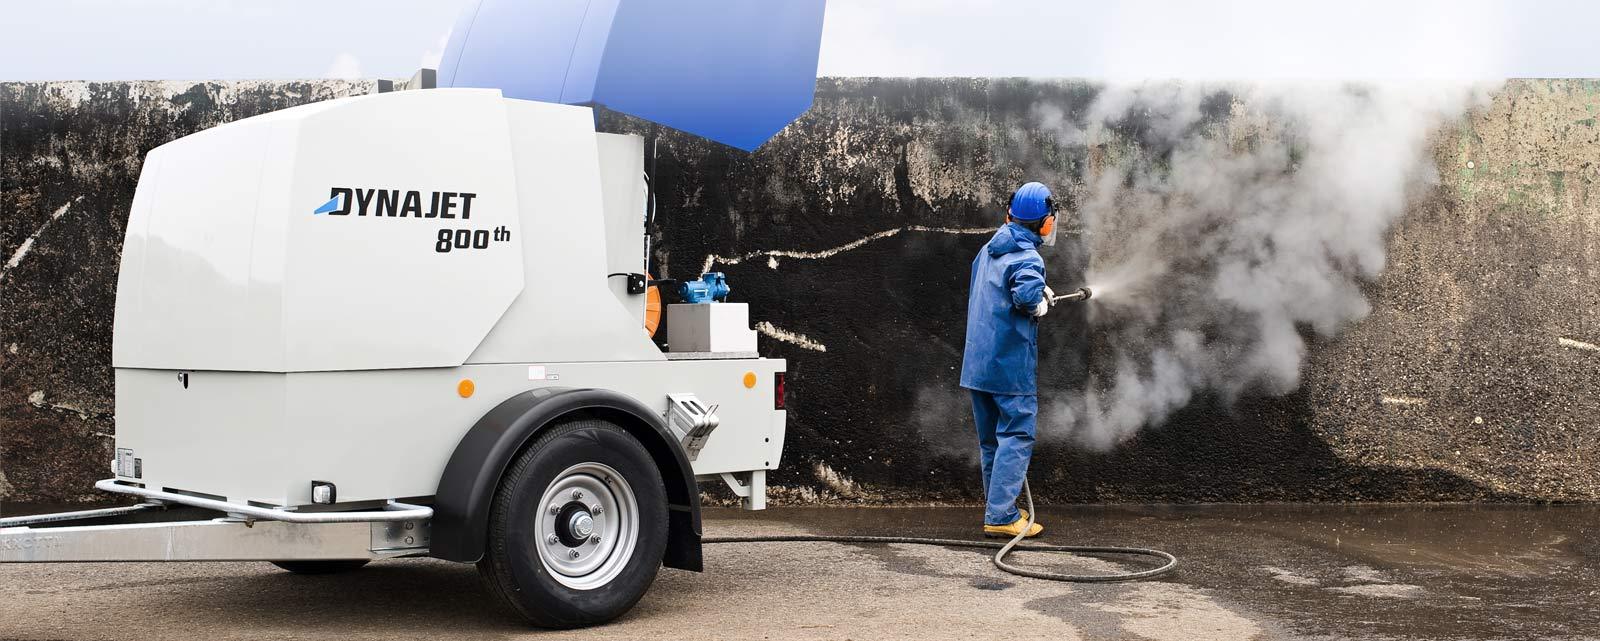 Les nettoyeurs et les accessoires haute pression de DYNAJET sont spécialisés dans les secteurs d'activité